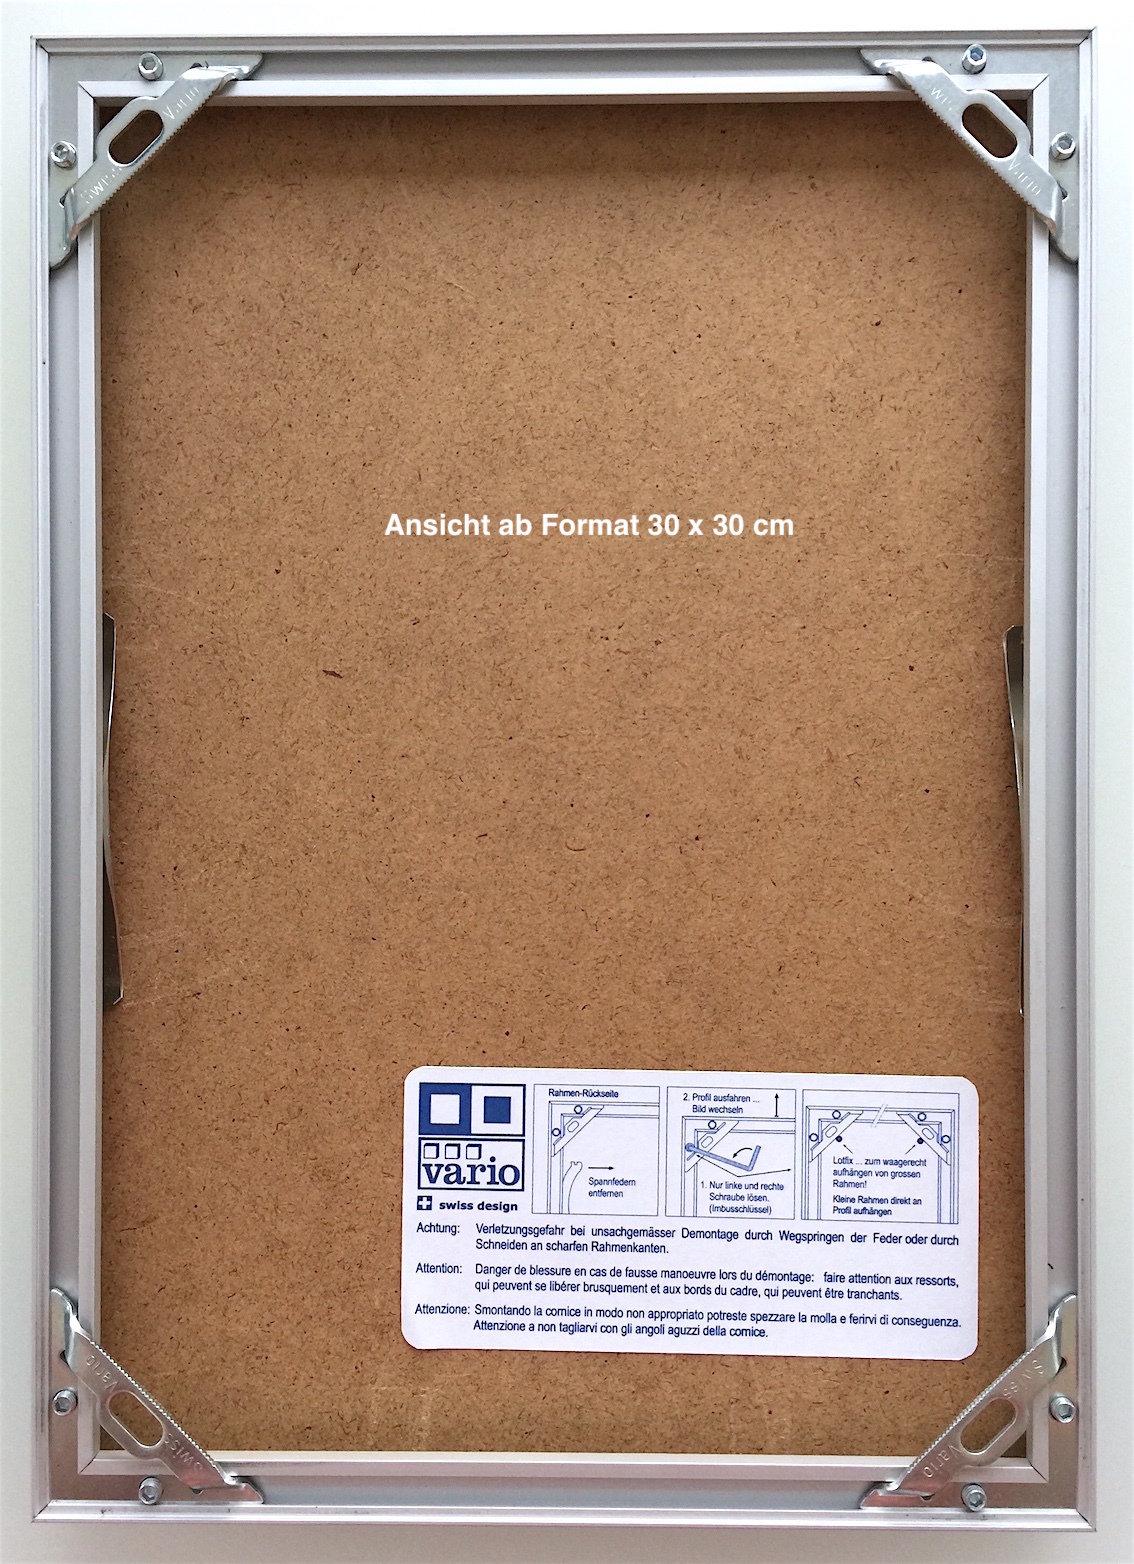 Visuelle Info: Sämtliche fotografierten Rahmen sind im Format 21 x ...